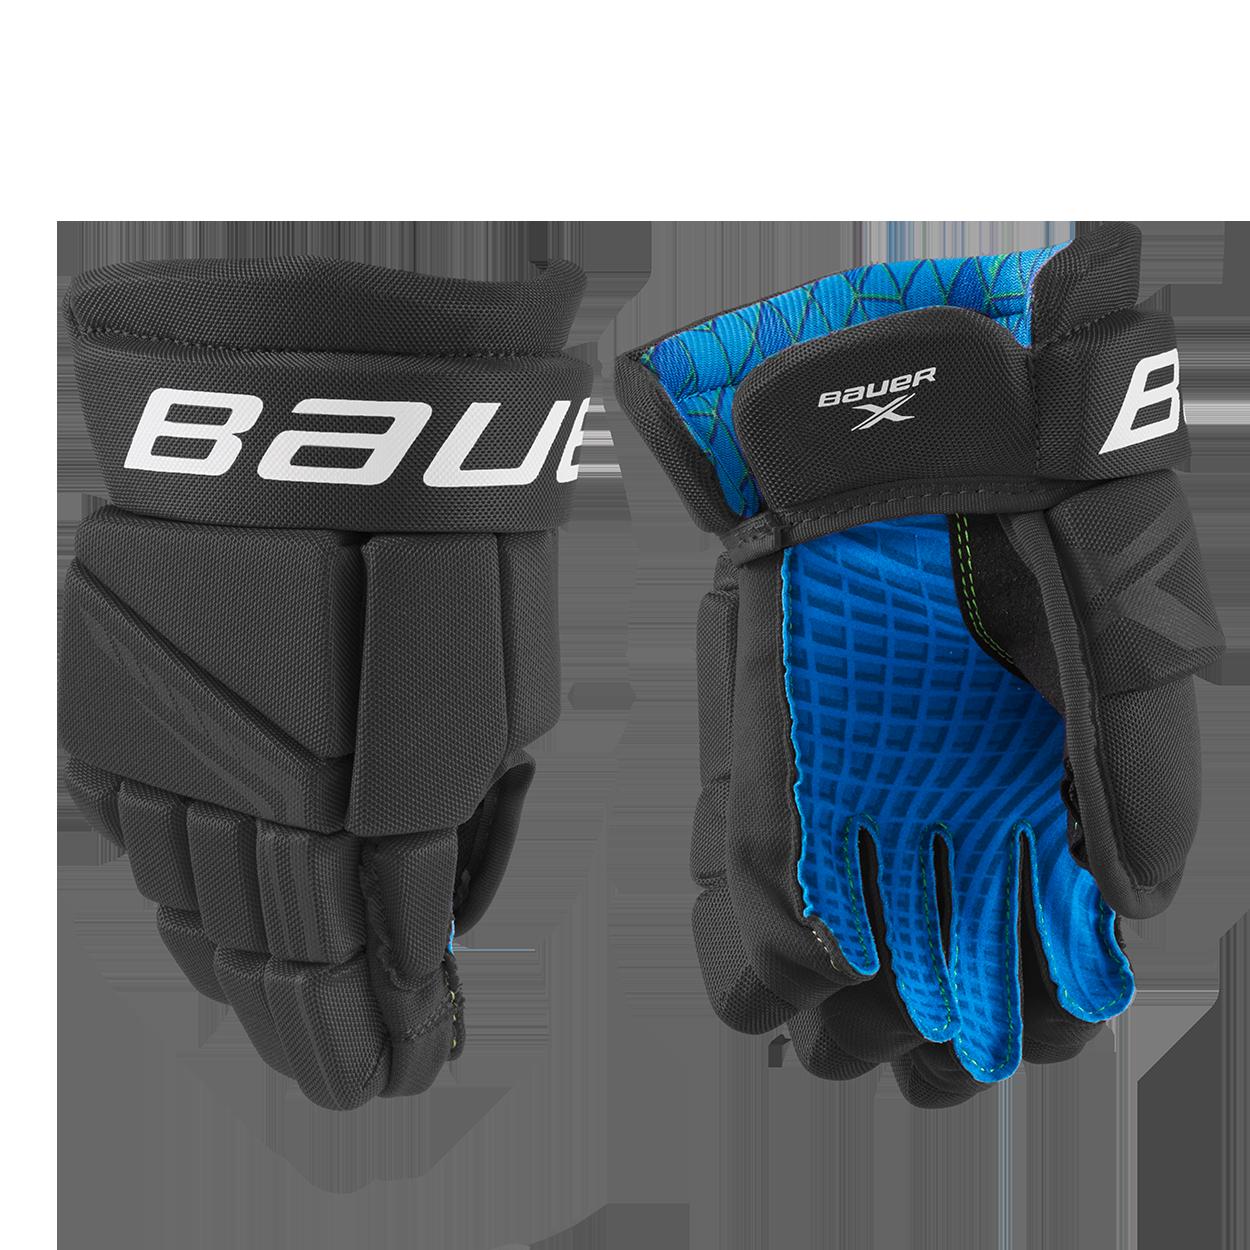 BAUER X Glove Youth